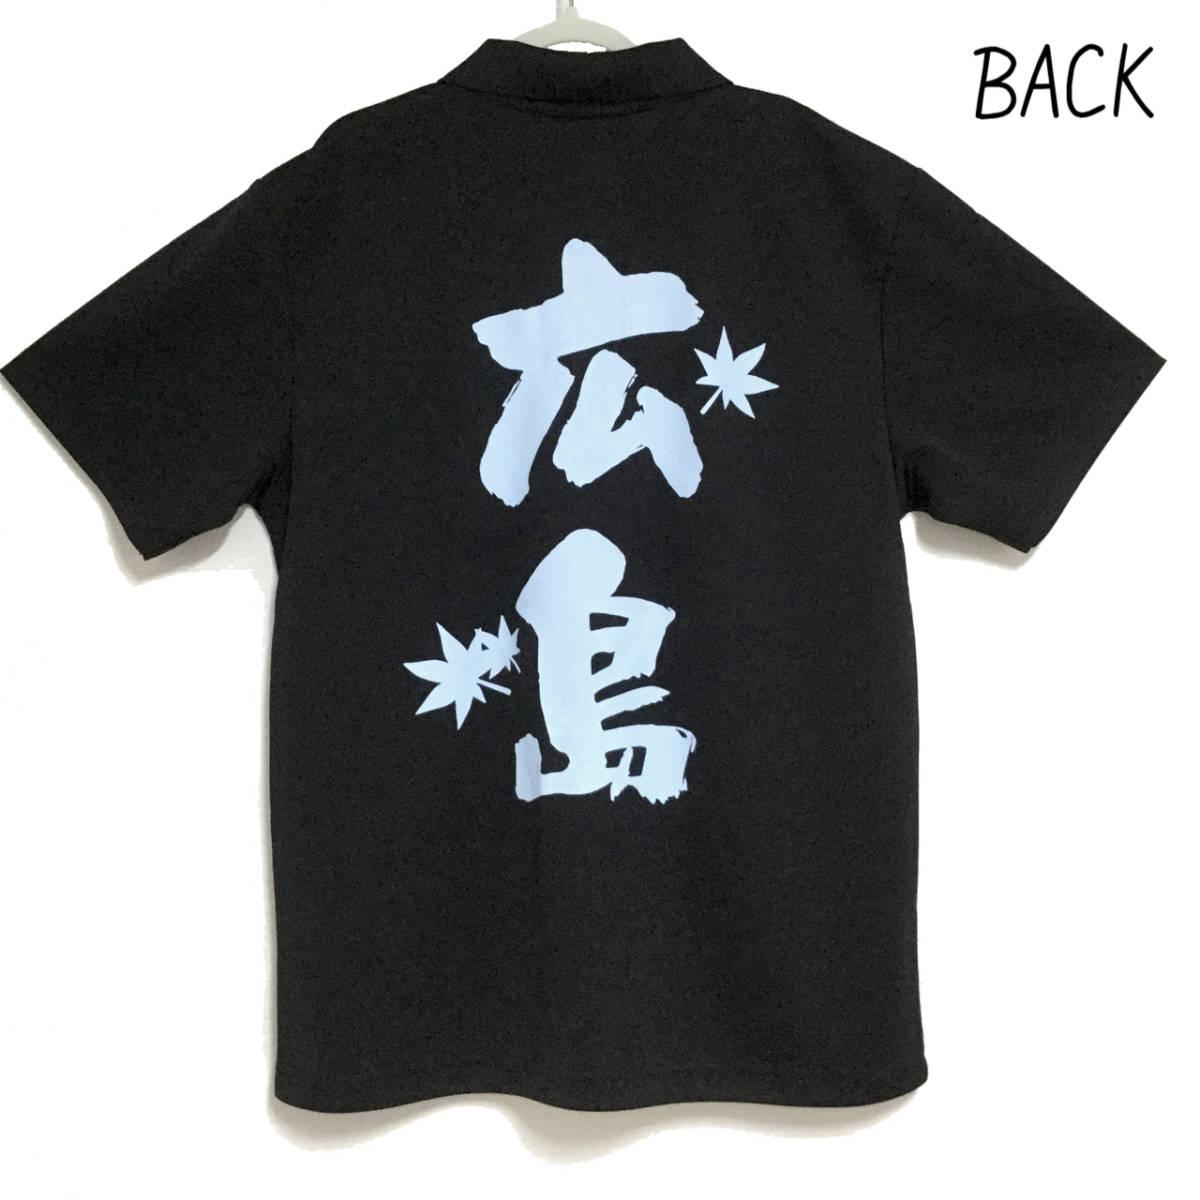 ドライポロシャツ 広島ロゴ ブラック生地_画像2